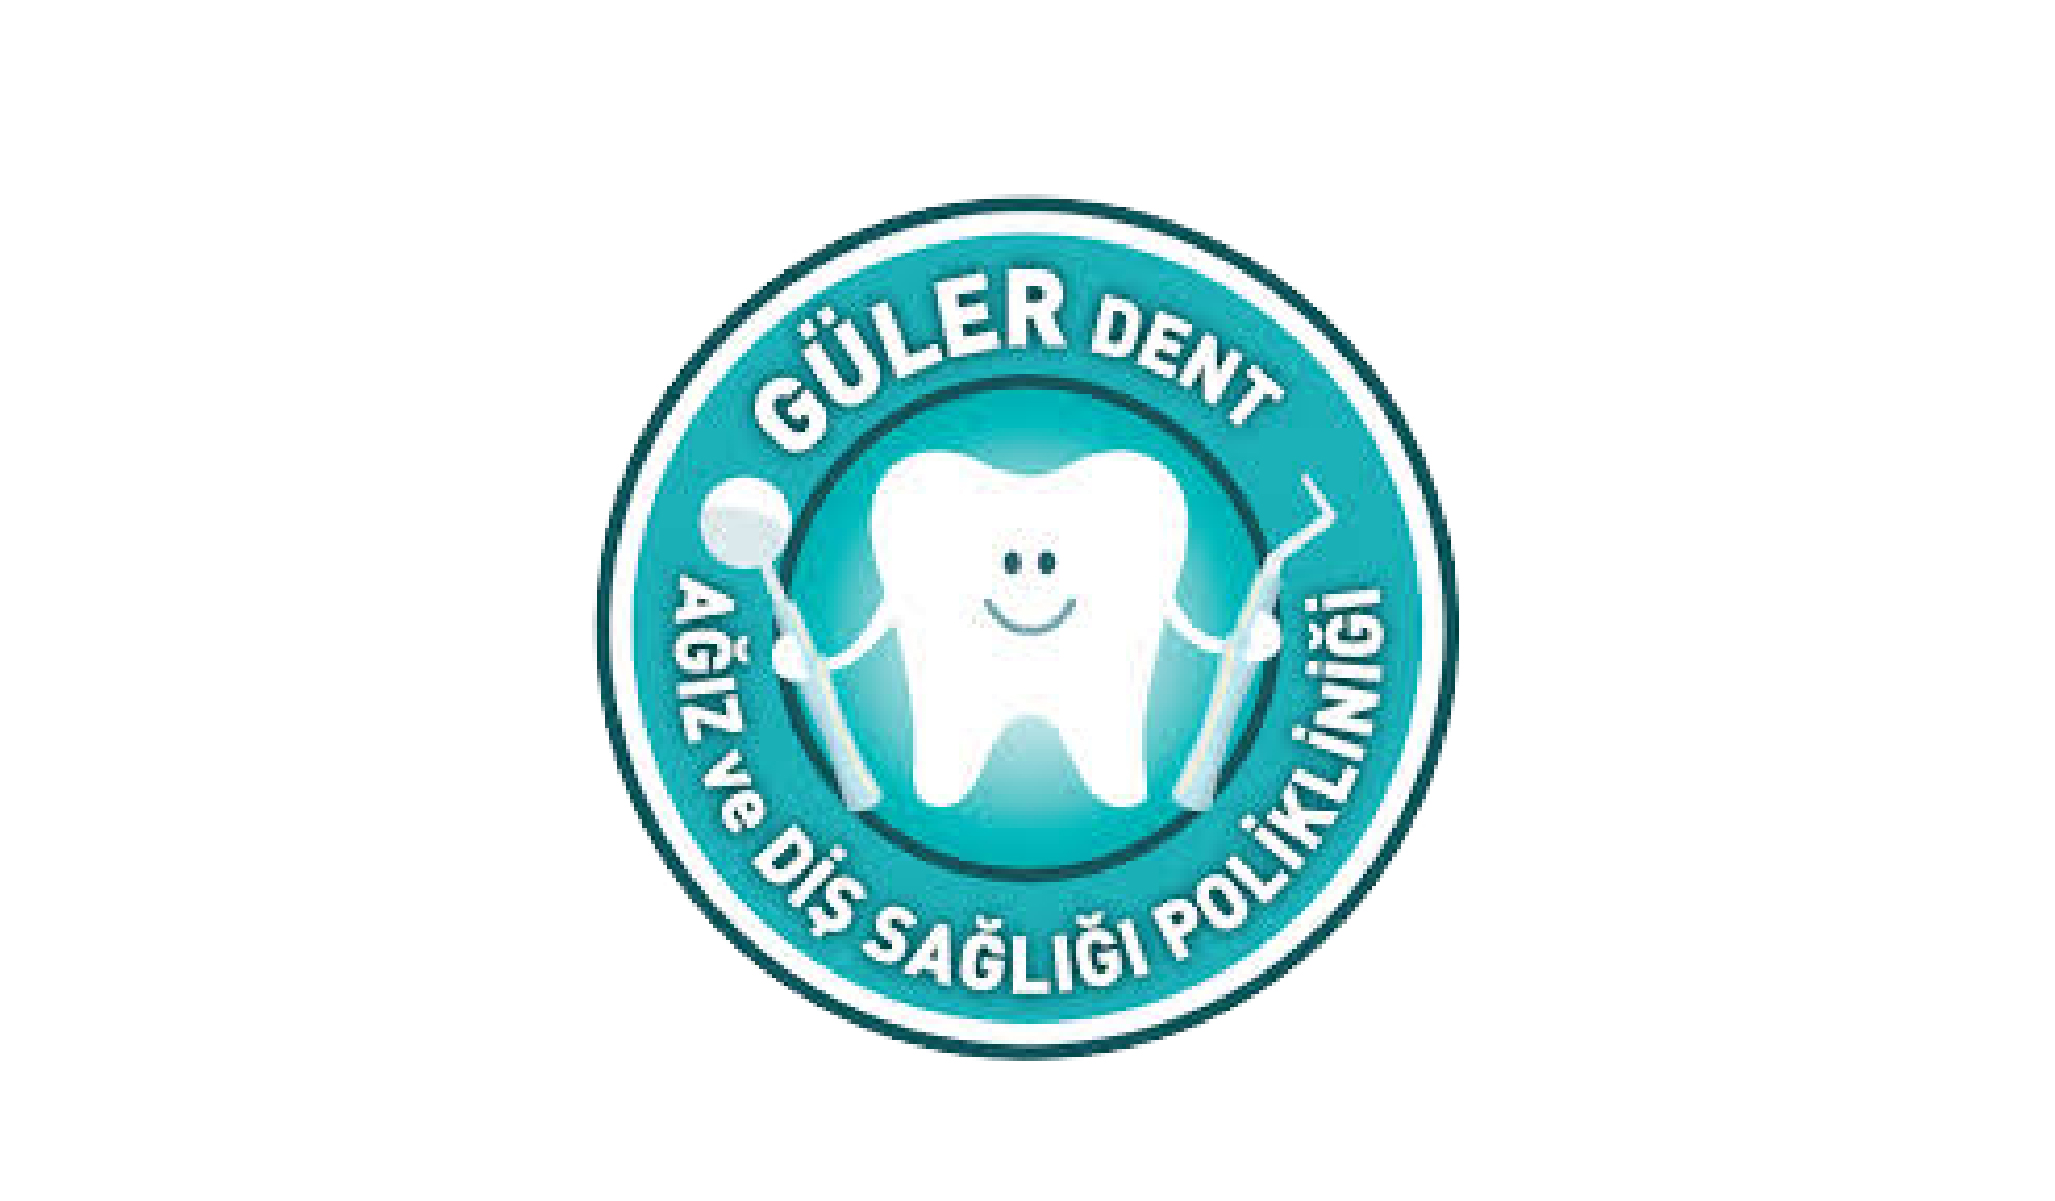 İmplant Nedir? Ortodonti nedir? Diş Beyazlatma Nedir? Gülüş Tasarımı?